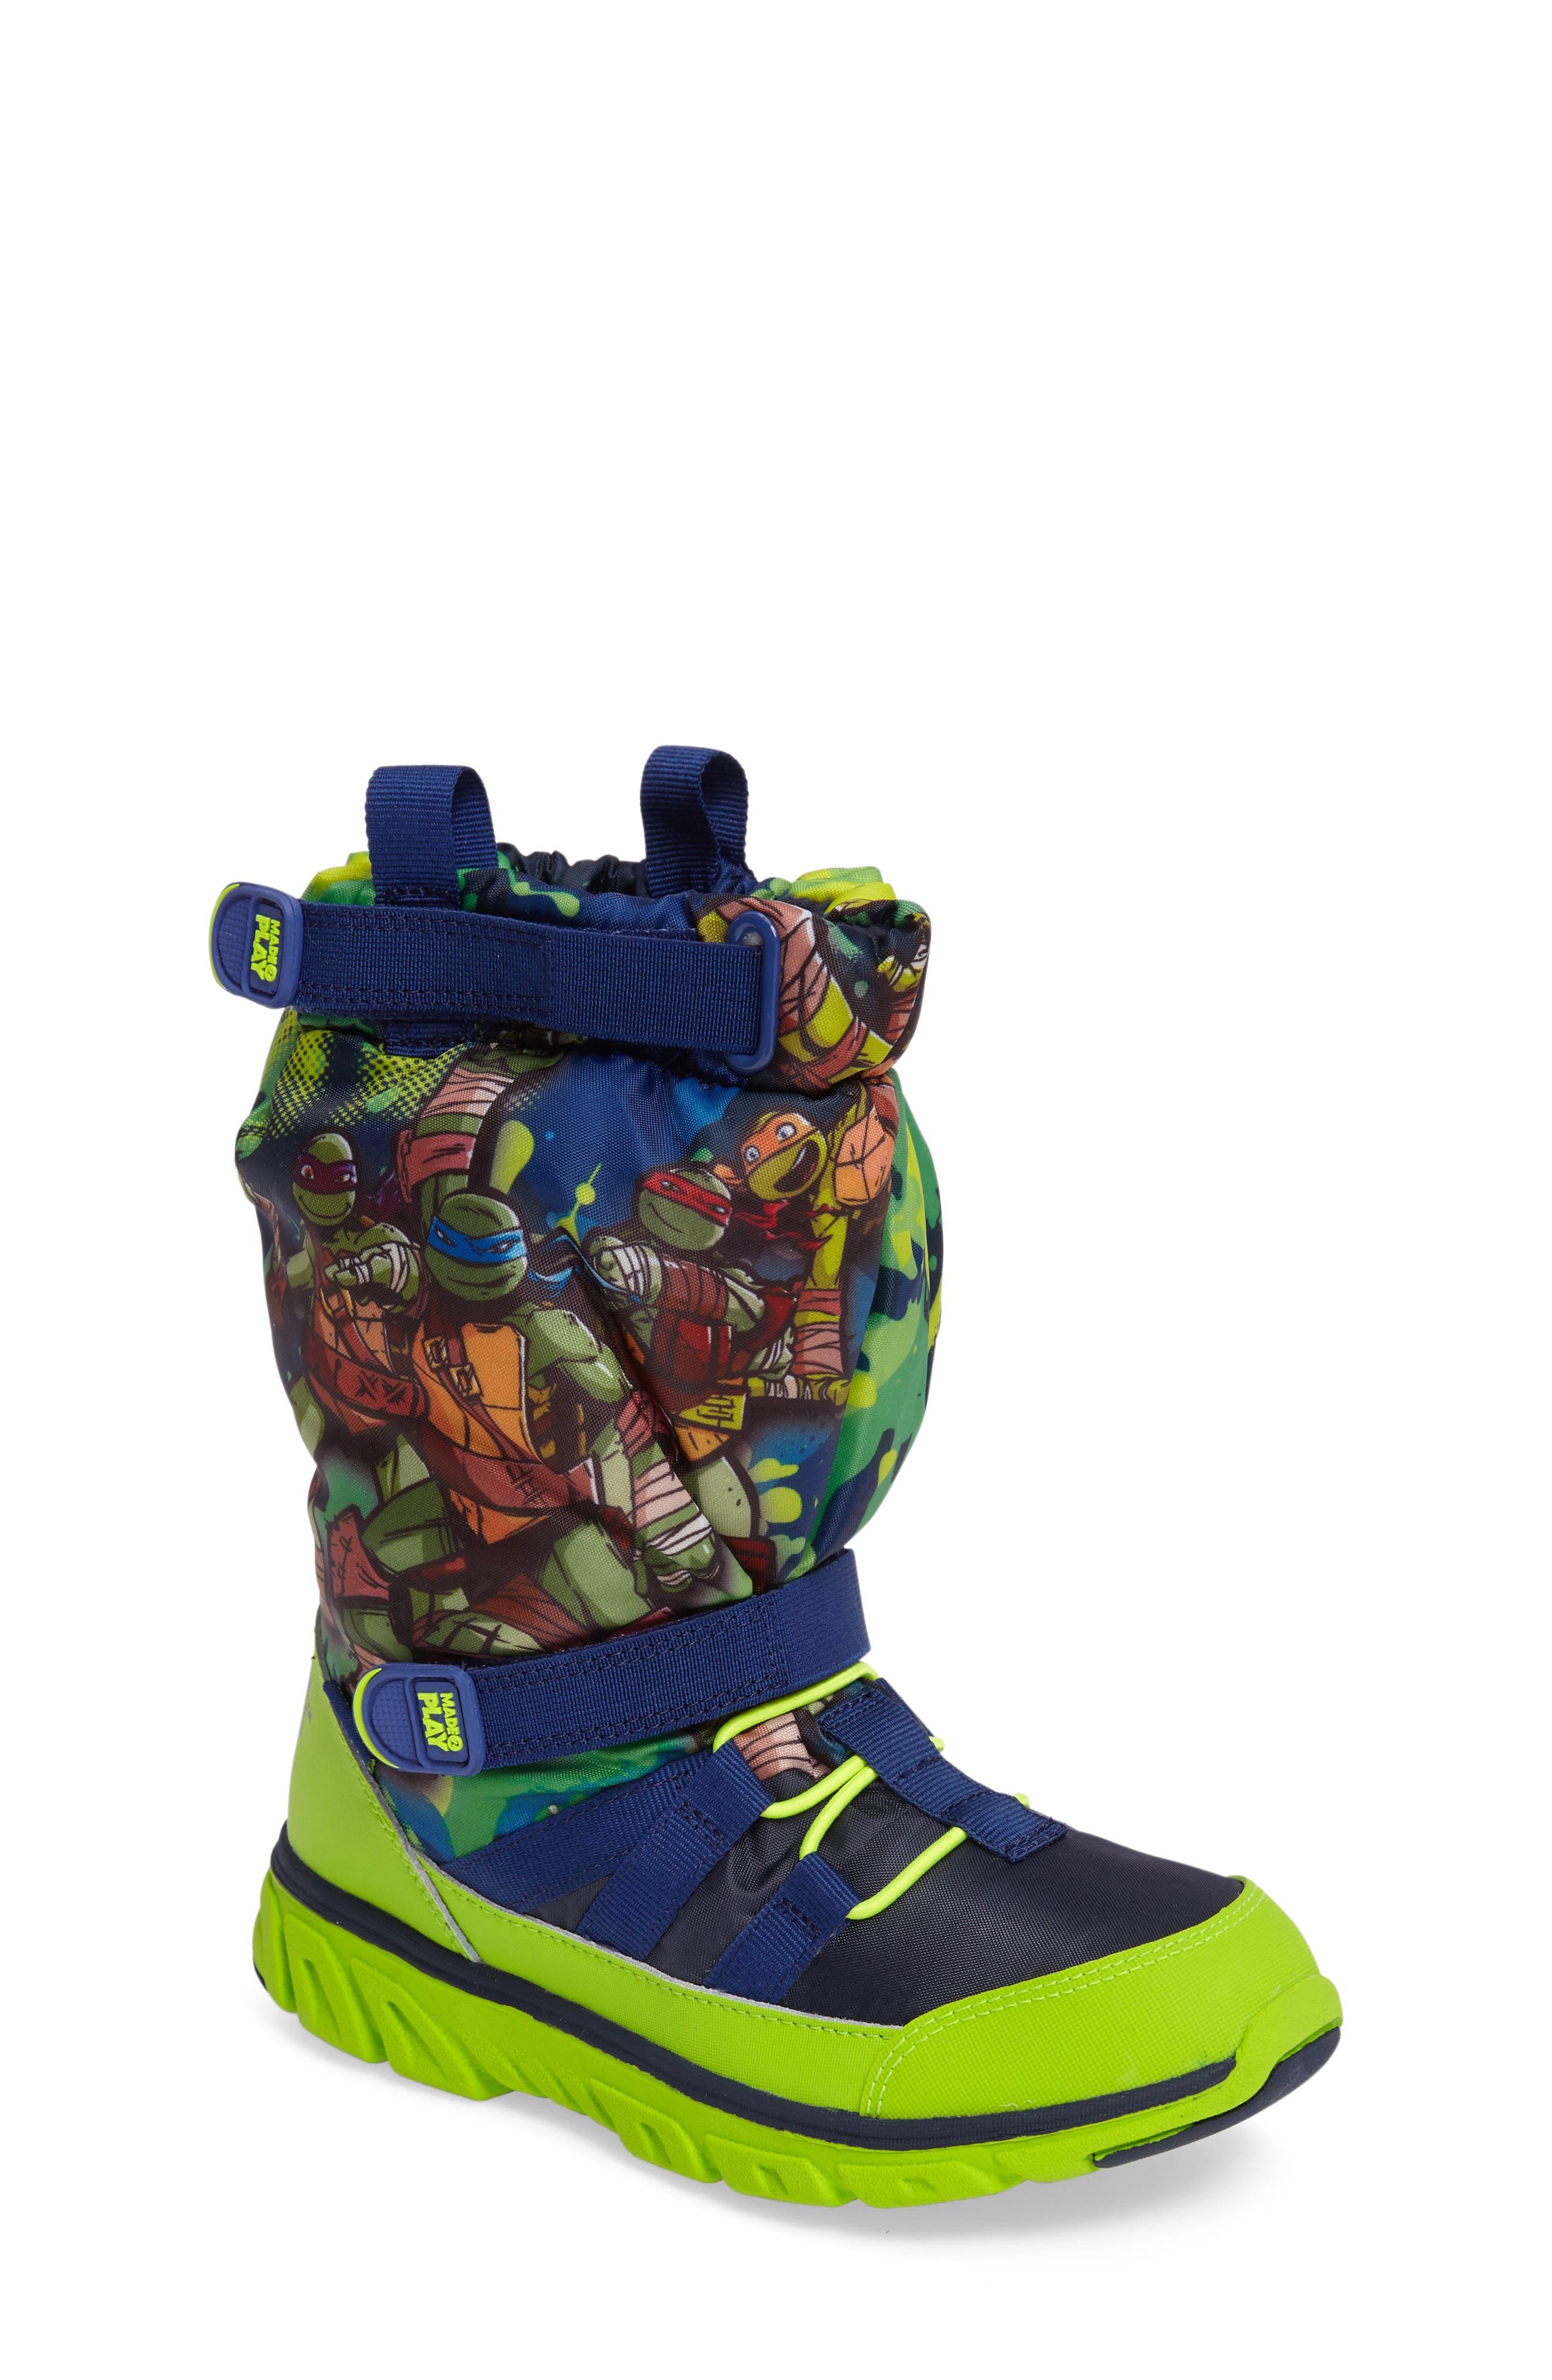 Stride Rite Made2Play Teenage Mutant Ninja Turtles Sneaker Boot (Baby, Walker, Toddler & Little Kid)